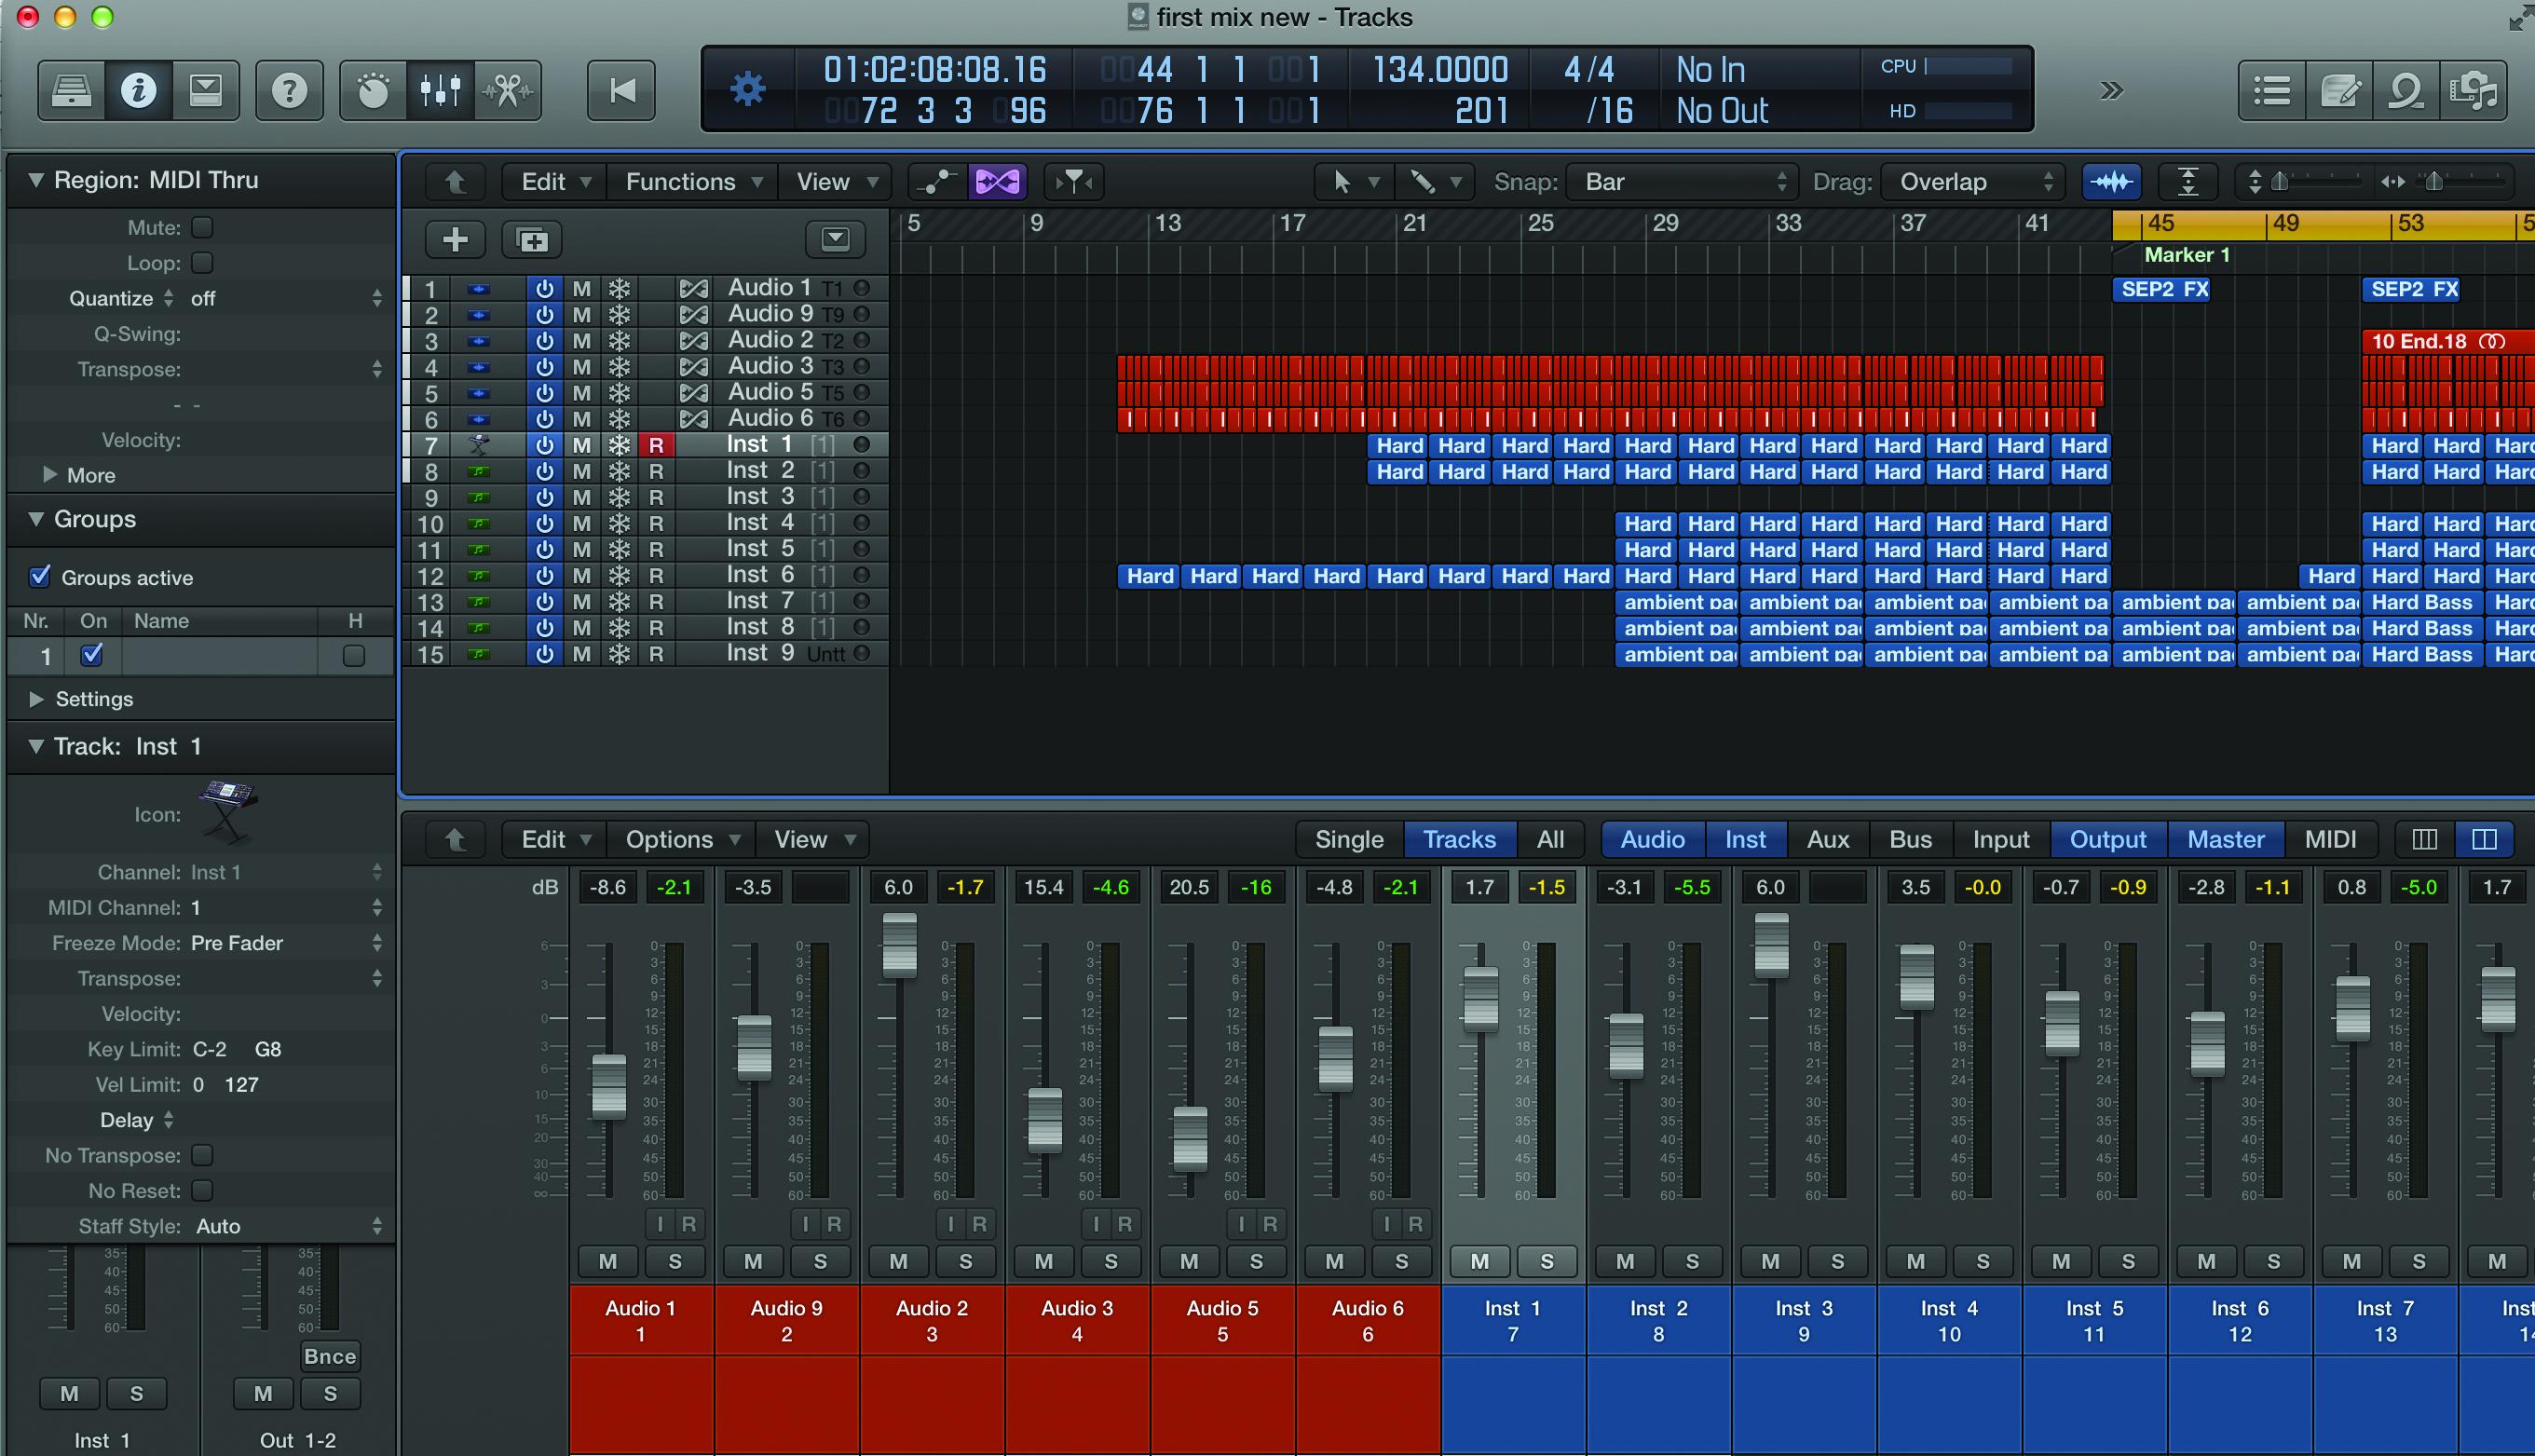 Logic Pro X Genres